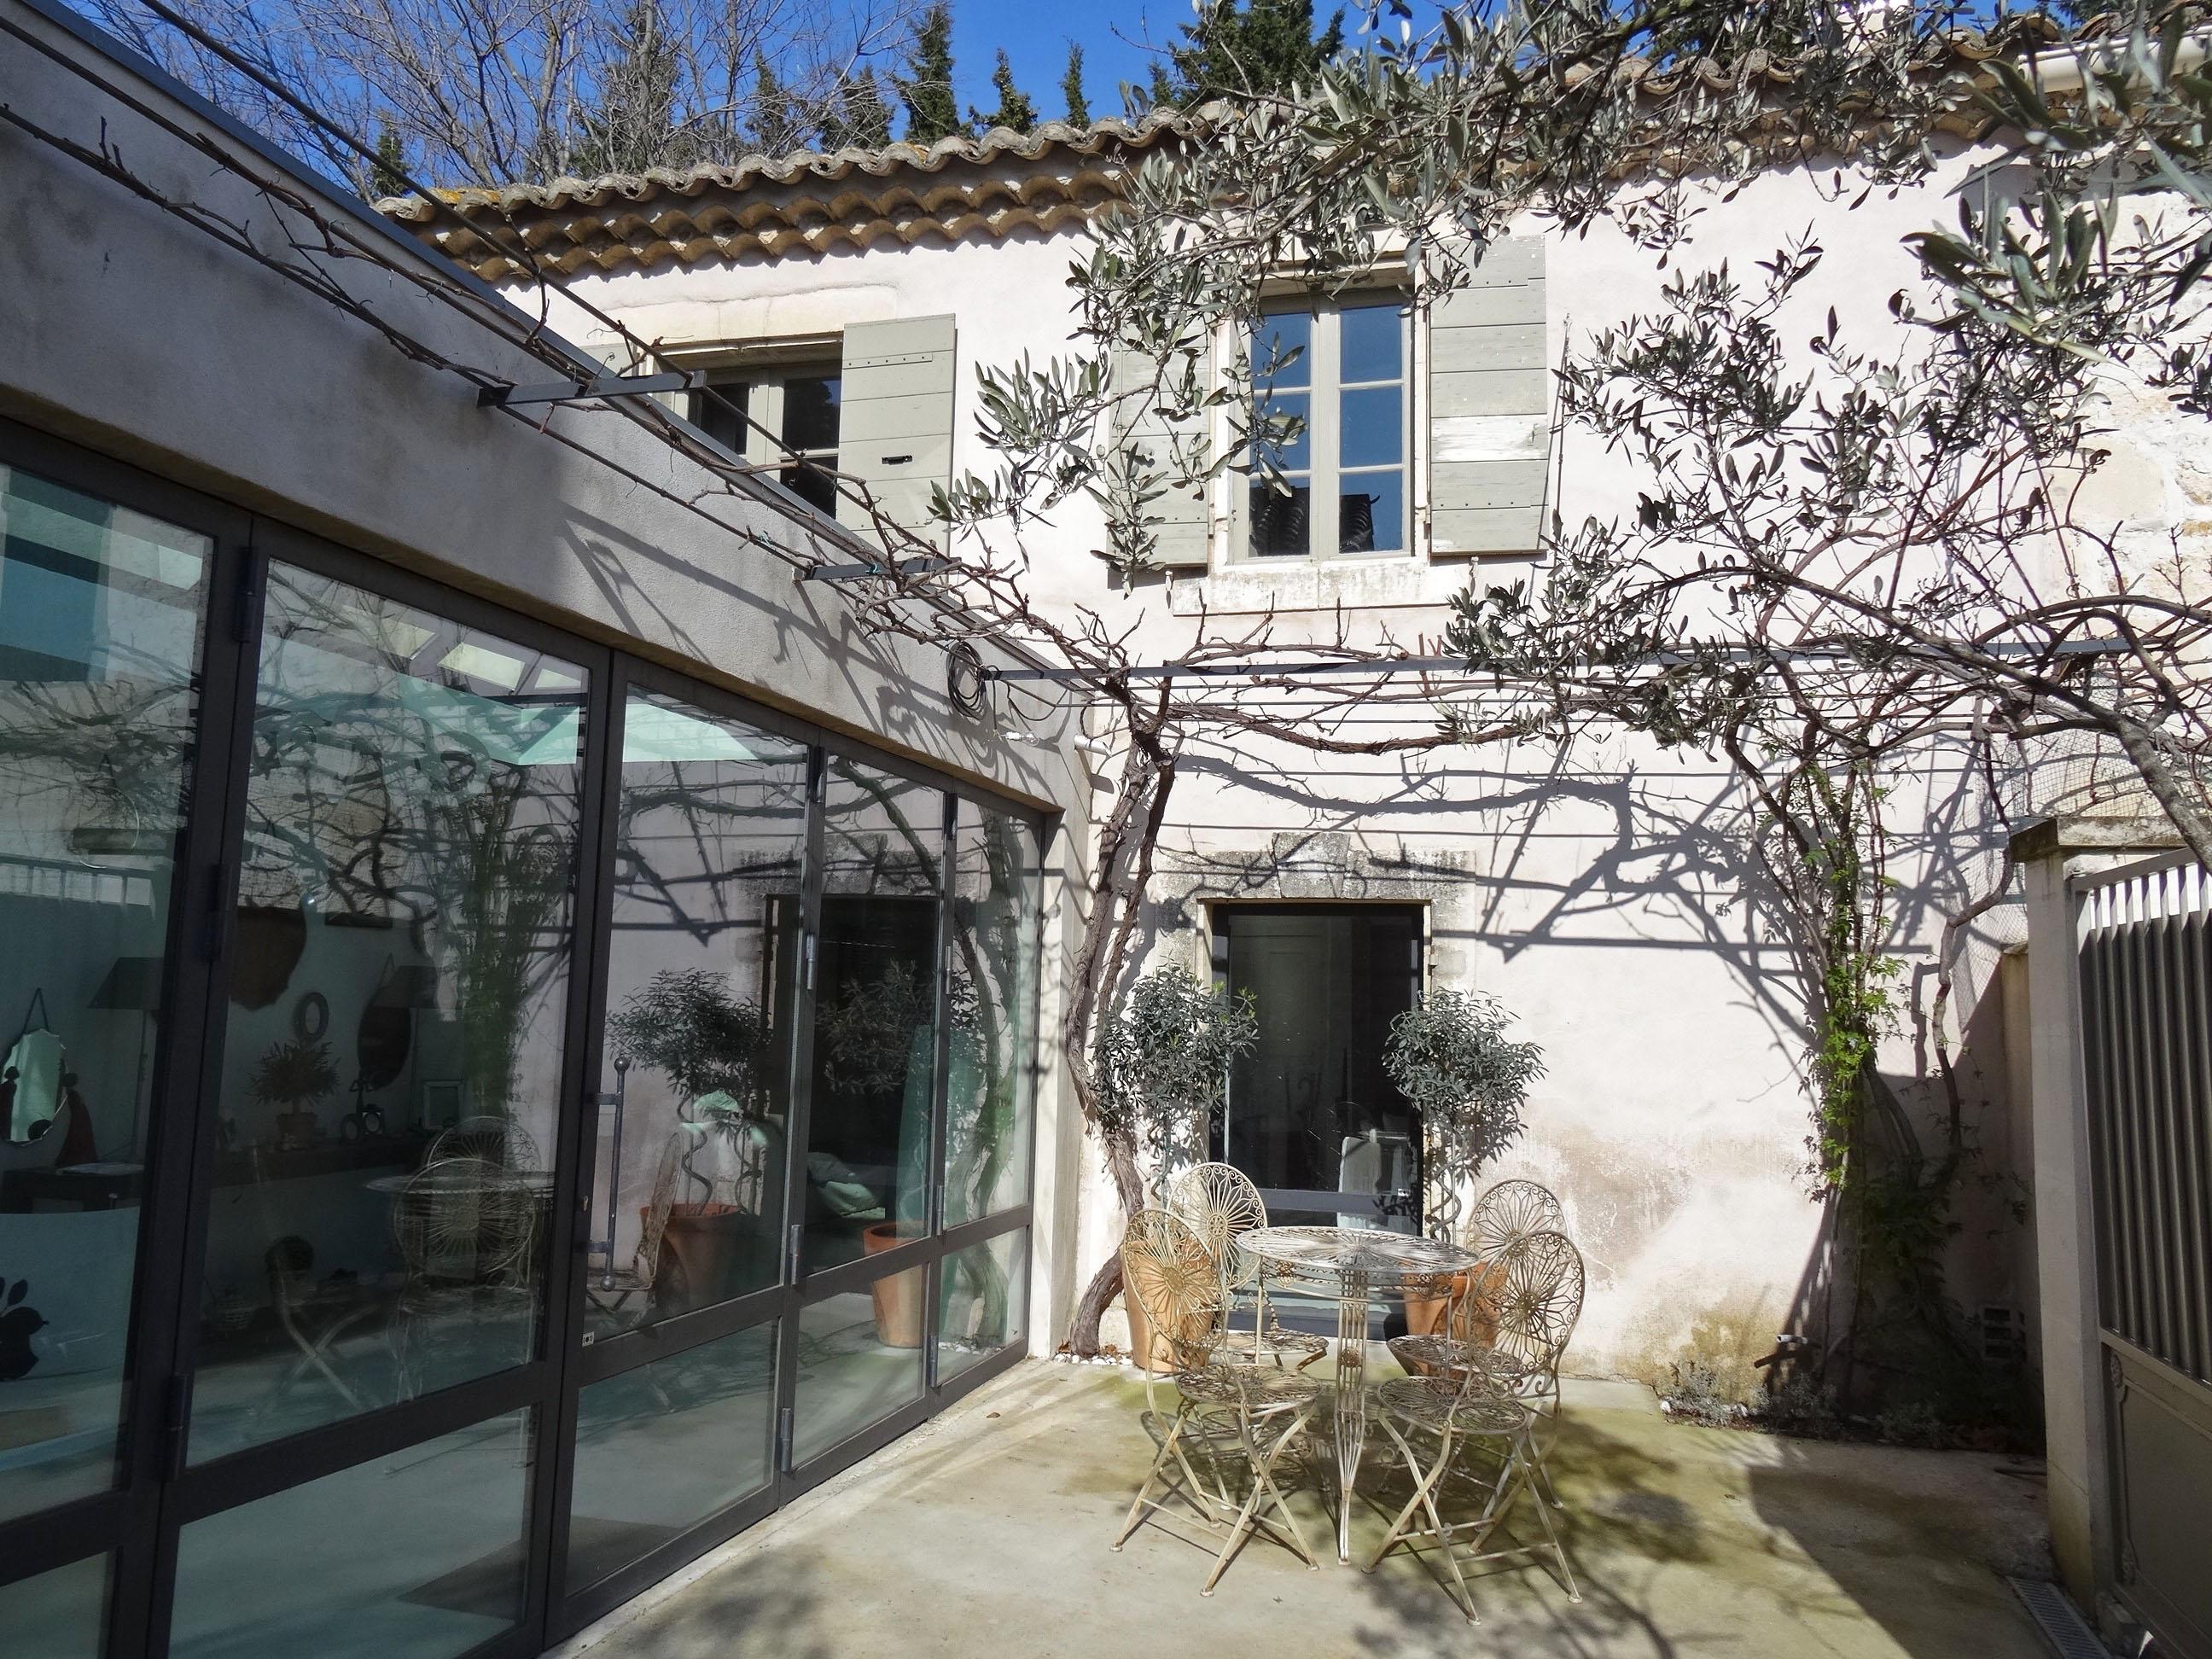 联栋屋 为 销售 在 TYPIQUE MAISON DE VILLAGE AVEC TRES BELLE RENOVATION Other Provence-Alpes-Cote D'Azur, 普罗旺斯阿尔卑斯蓝色海岸 13520 法国